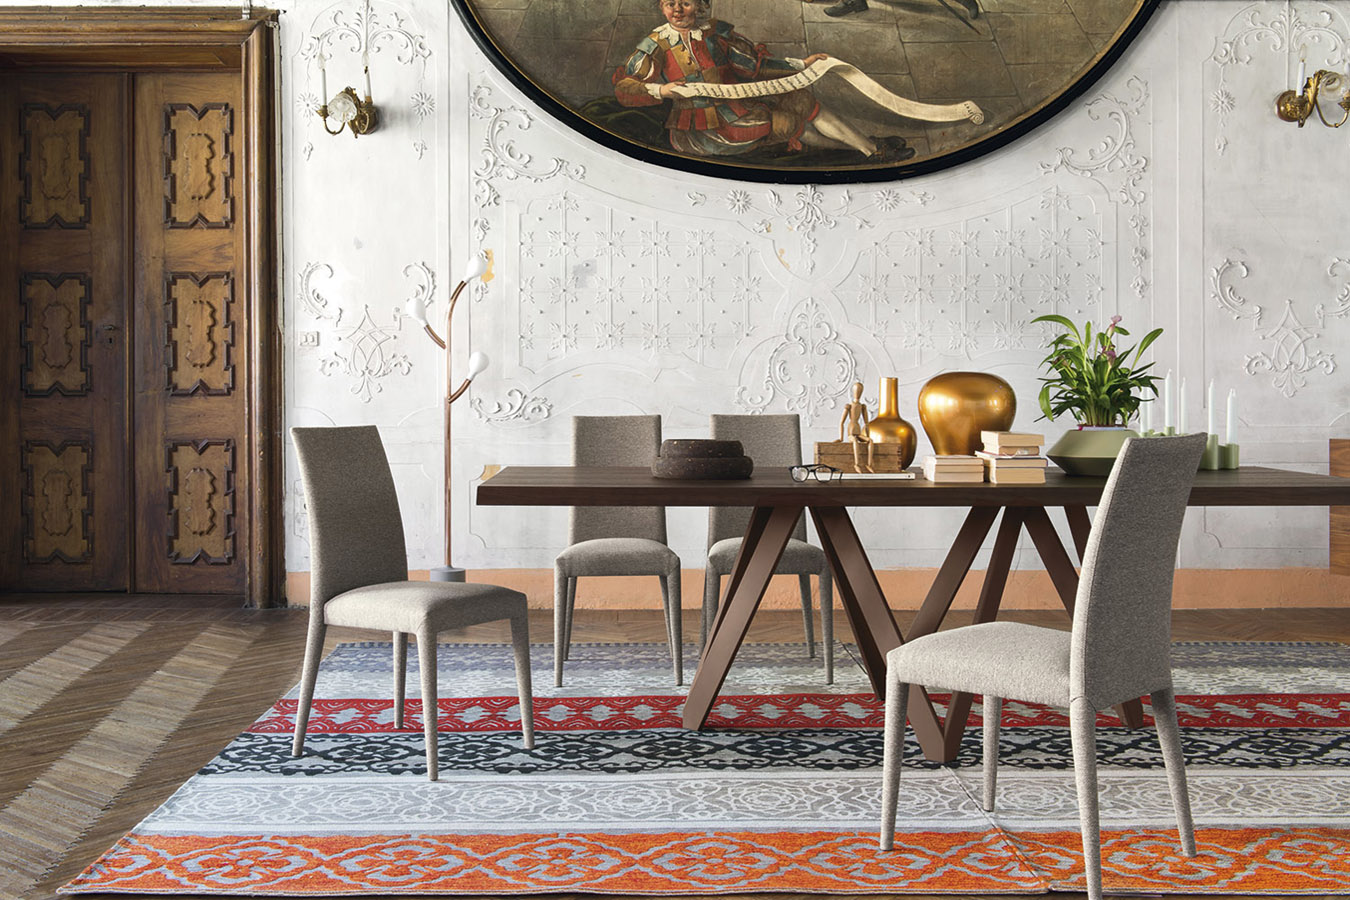 Tavolo cartesio di calligaris righetti mobili novara for Calligaris mobili soggiorno